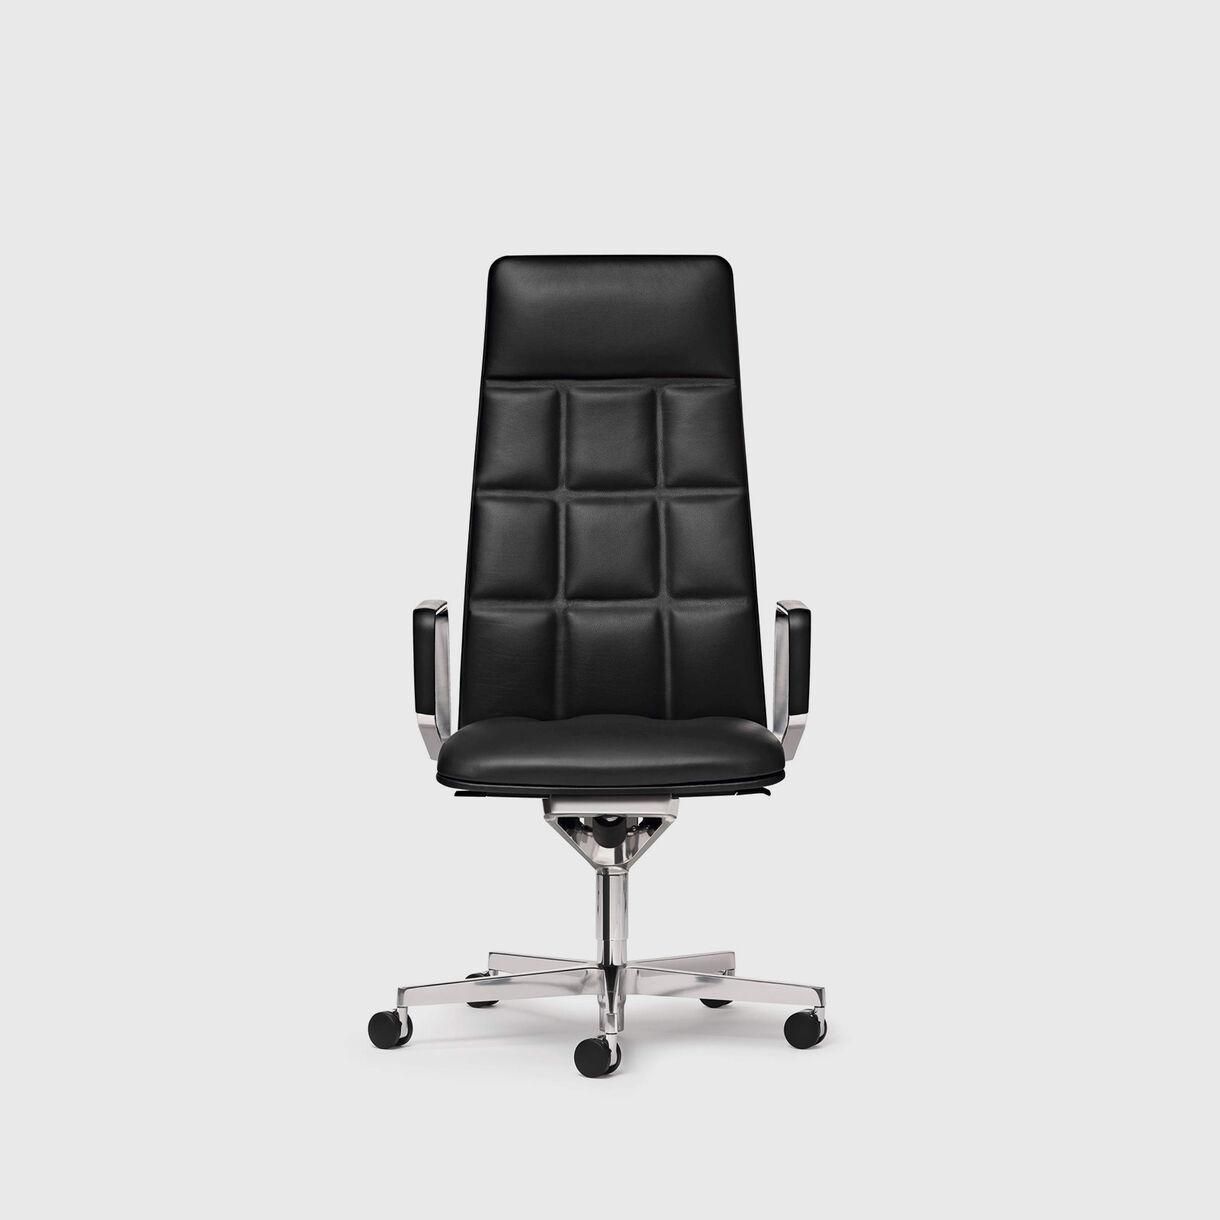 Leadchair Executive, High Back, Black